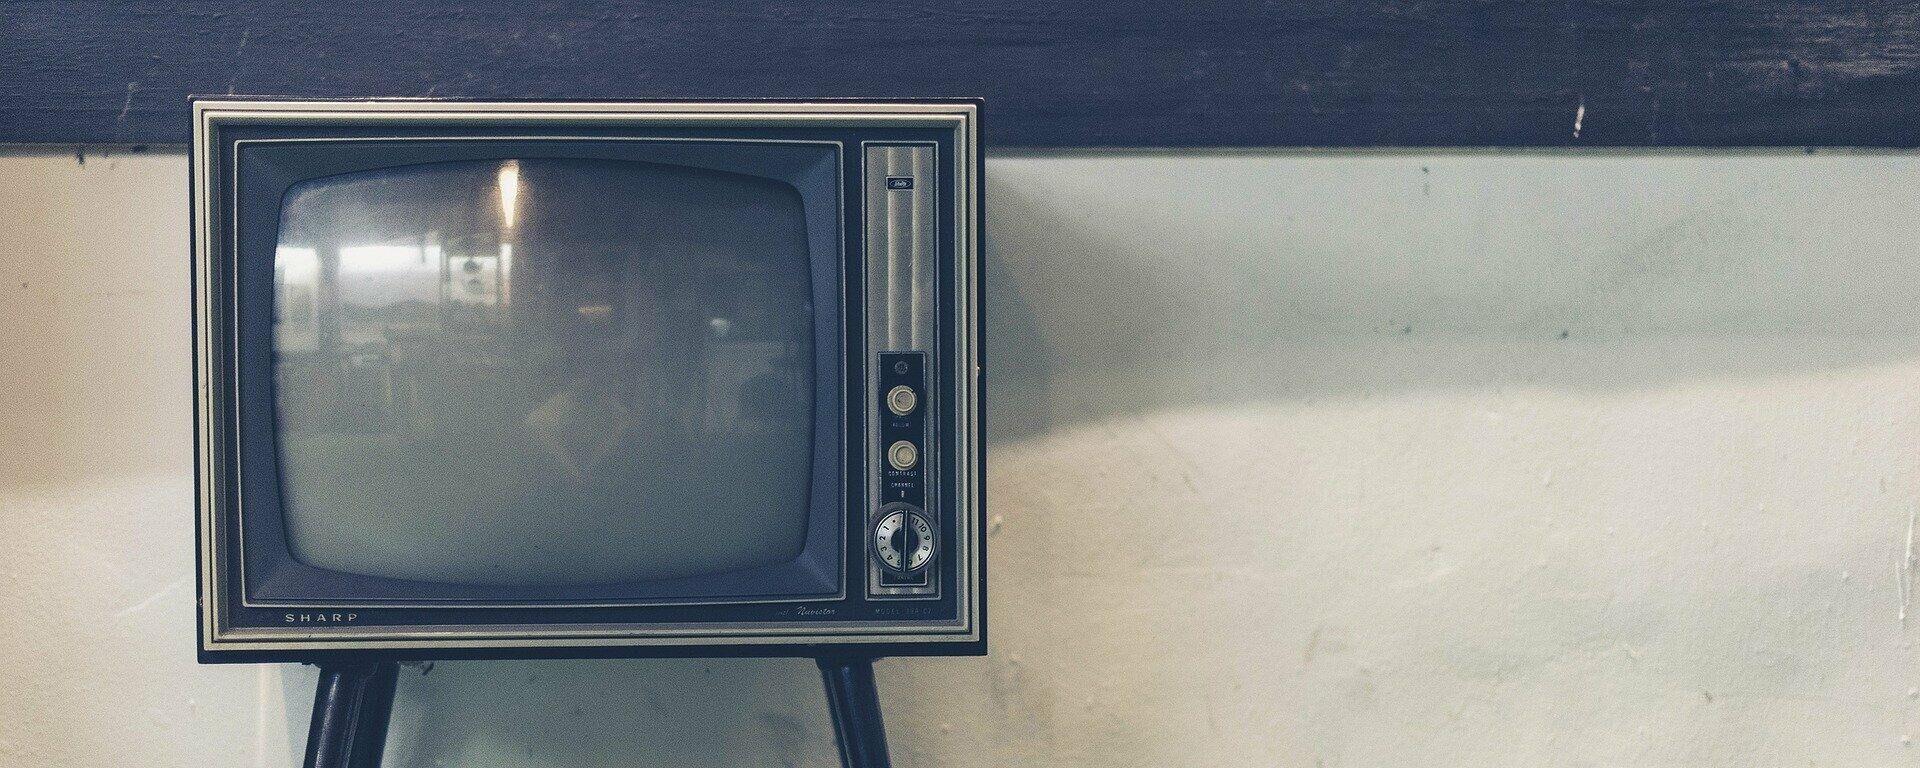 Fernsehen (Symbolbild) - SNA, 1920, 04.06.2021